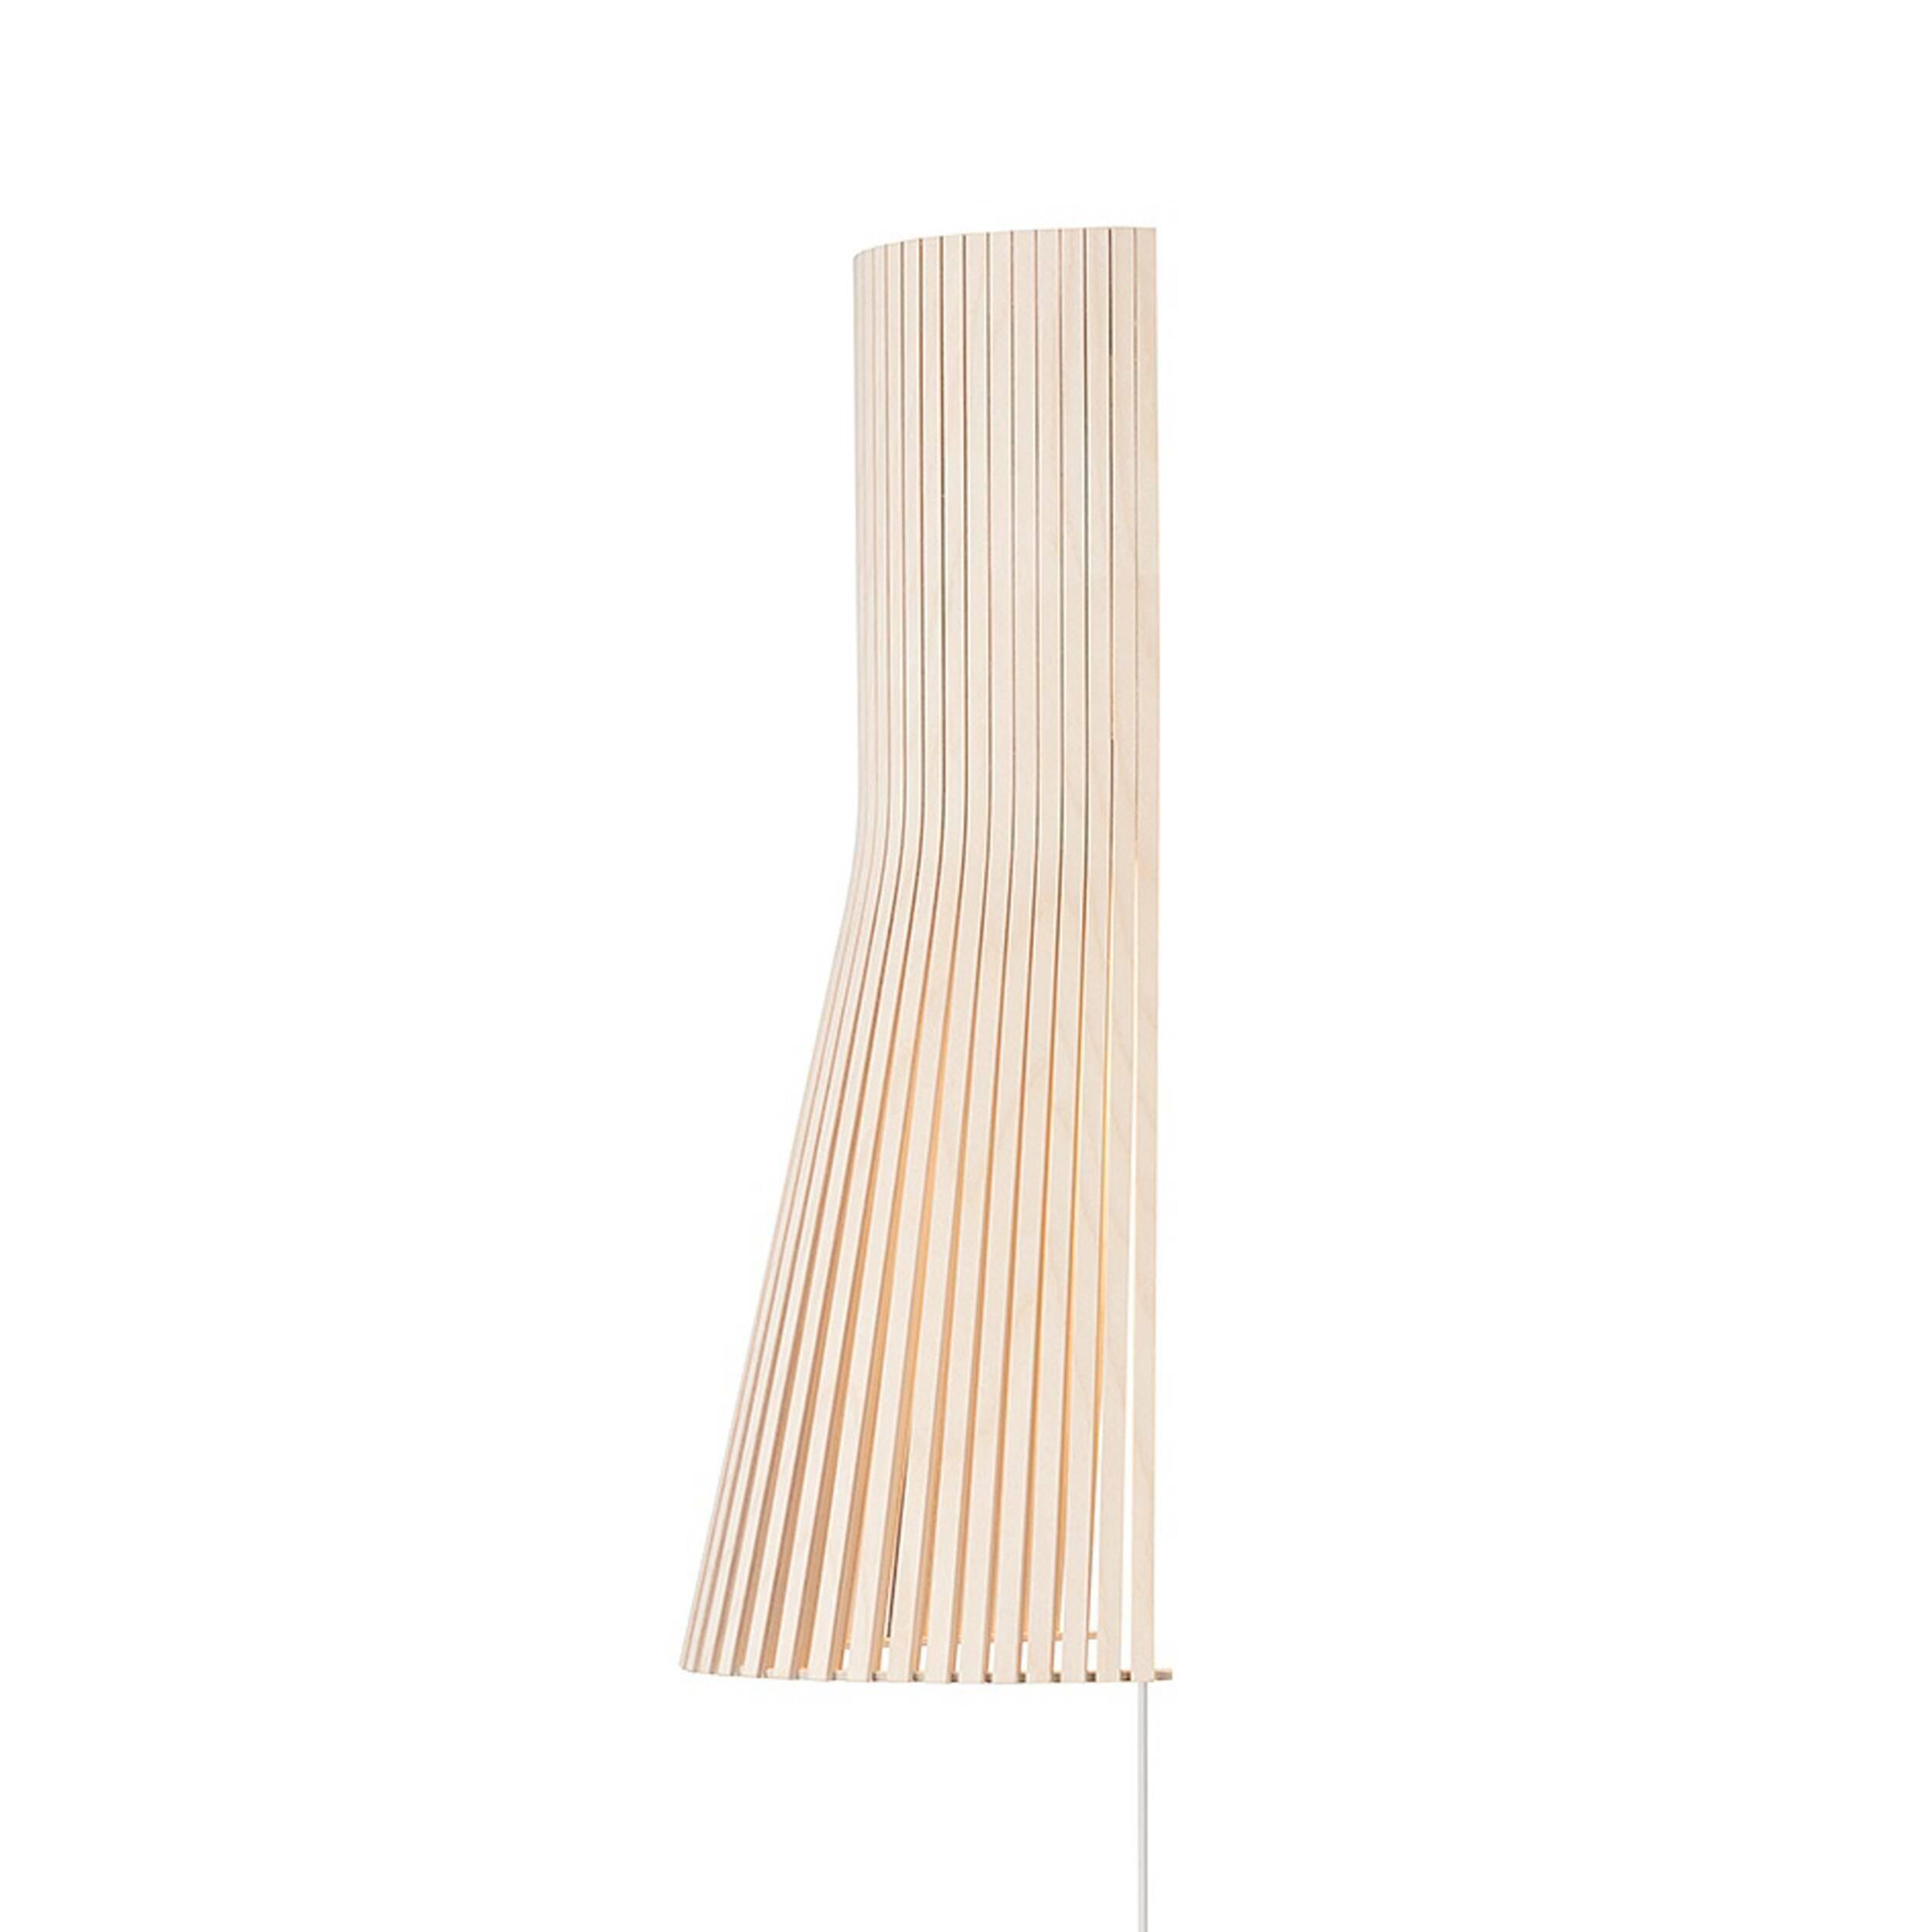 Настенный светильник Secto 4231Настенные<br>Финский дизайнерский настенный светильник Secto 4231 выполнен из натурального дерева — березы, которой присуща мягкость наряду с прочностью. Современный и ультрамодный настенный светильник изготовлен вручную, поэтому в каждое изделие вложена частичка Скандинавии. Его дизайн довольно прост, но вместе с тем и практичен: такая форма дает нужное количество света, светильник не обременяет, а дополняет интерьер.<br><br><br><br> Настенный светильник Secto 4231 изготовлен по эскизам финского дизайнер...<br><br>stock: 0<br>Высота: 45<br>Ширина: 15<br>Диаметр: 25<br>Количество ламп: 1<br>Материал арматуры: Береза<br>Мощность лампы: 40<br>Ламп в комплекте: Нет<br>Напряжение: 220<br>Теплота света: 3000<br>Тип лампы/цоколь: E14<br>Цвет арматуры: Натуральный